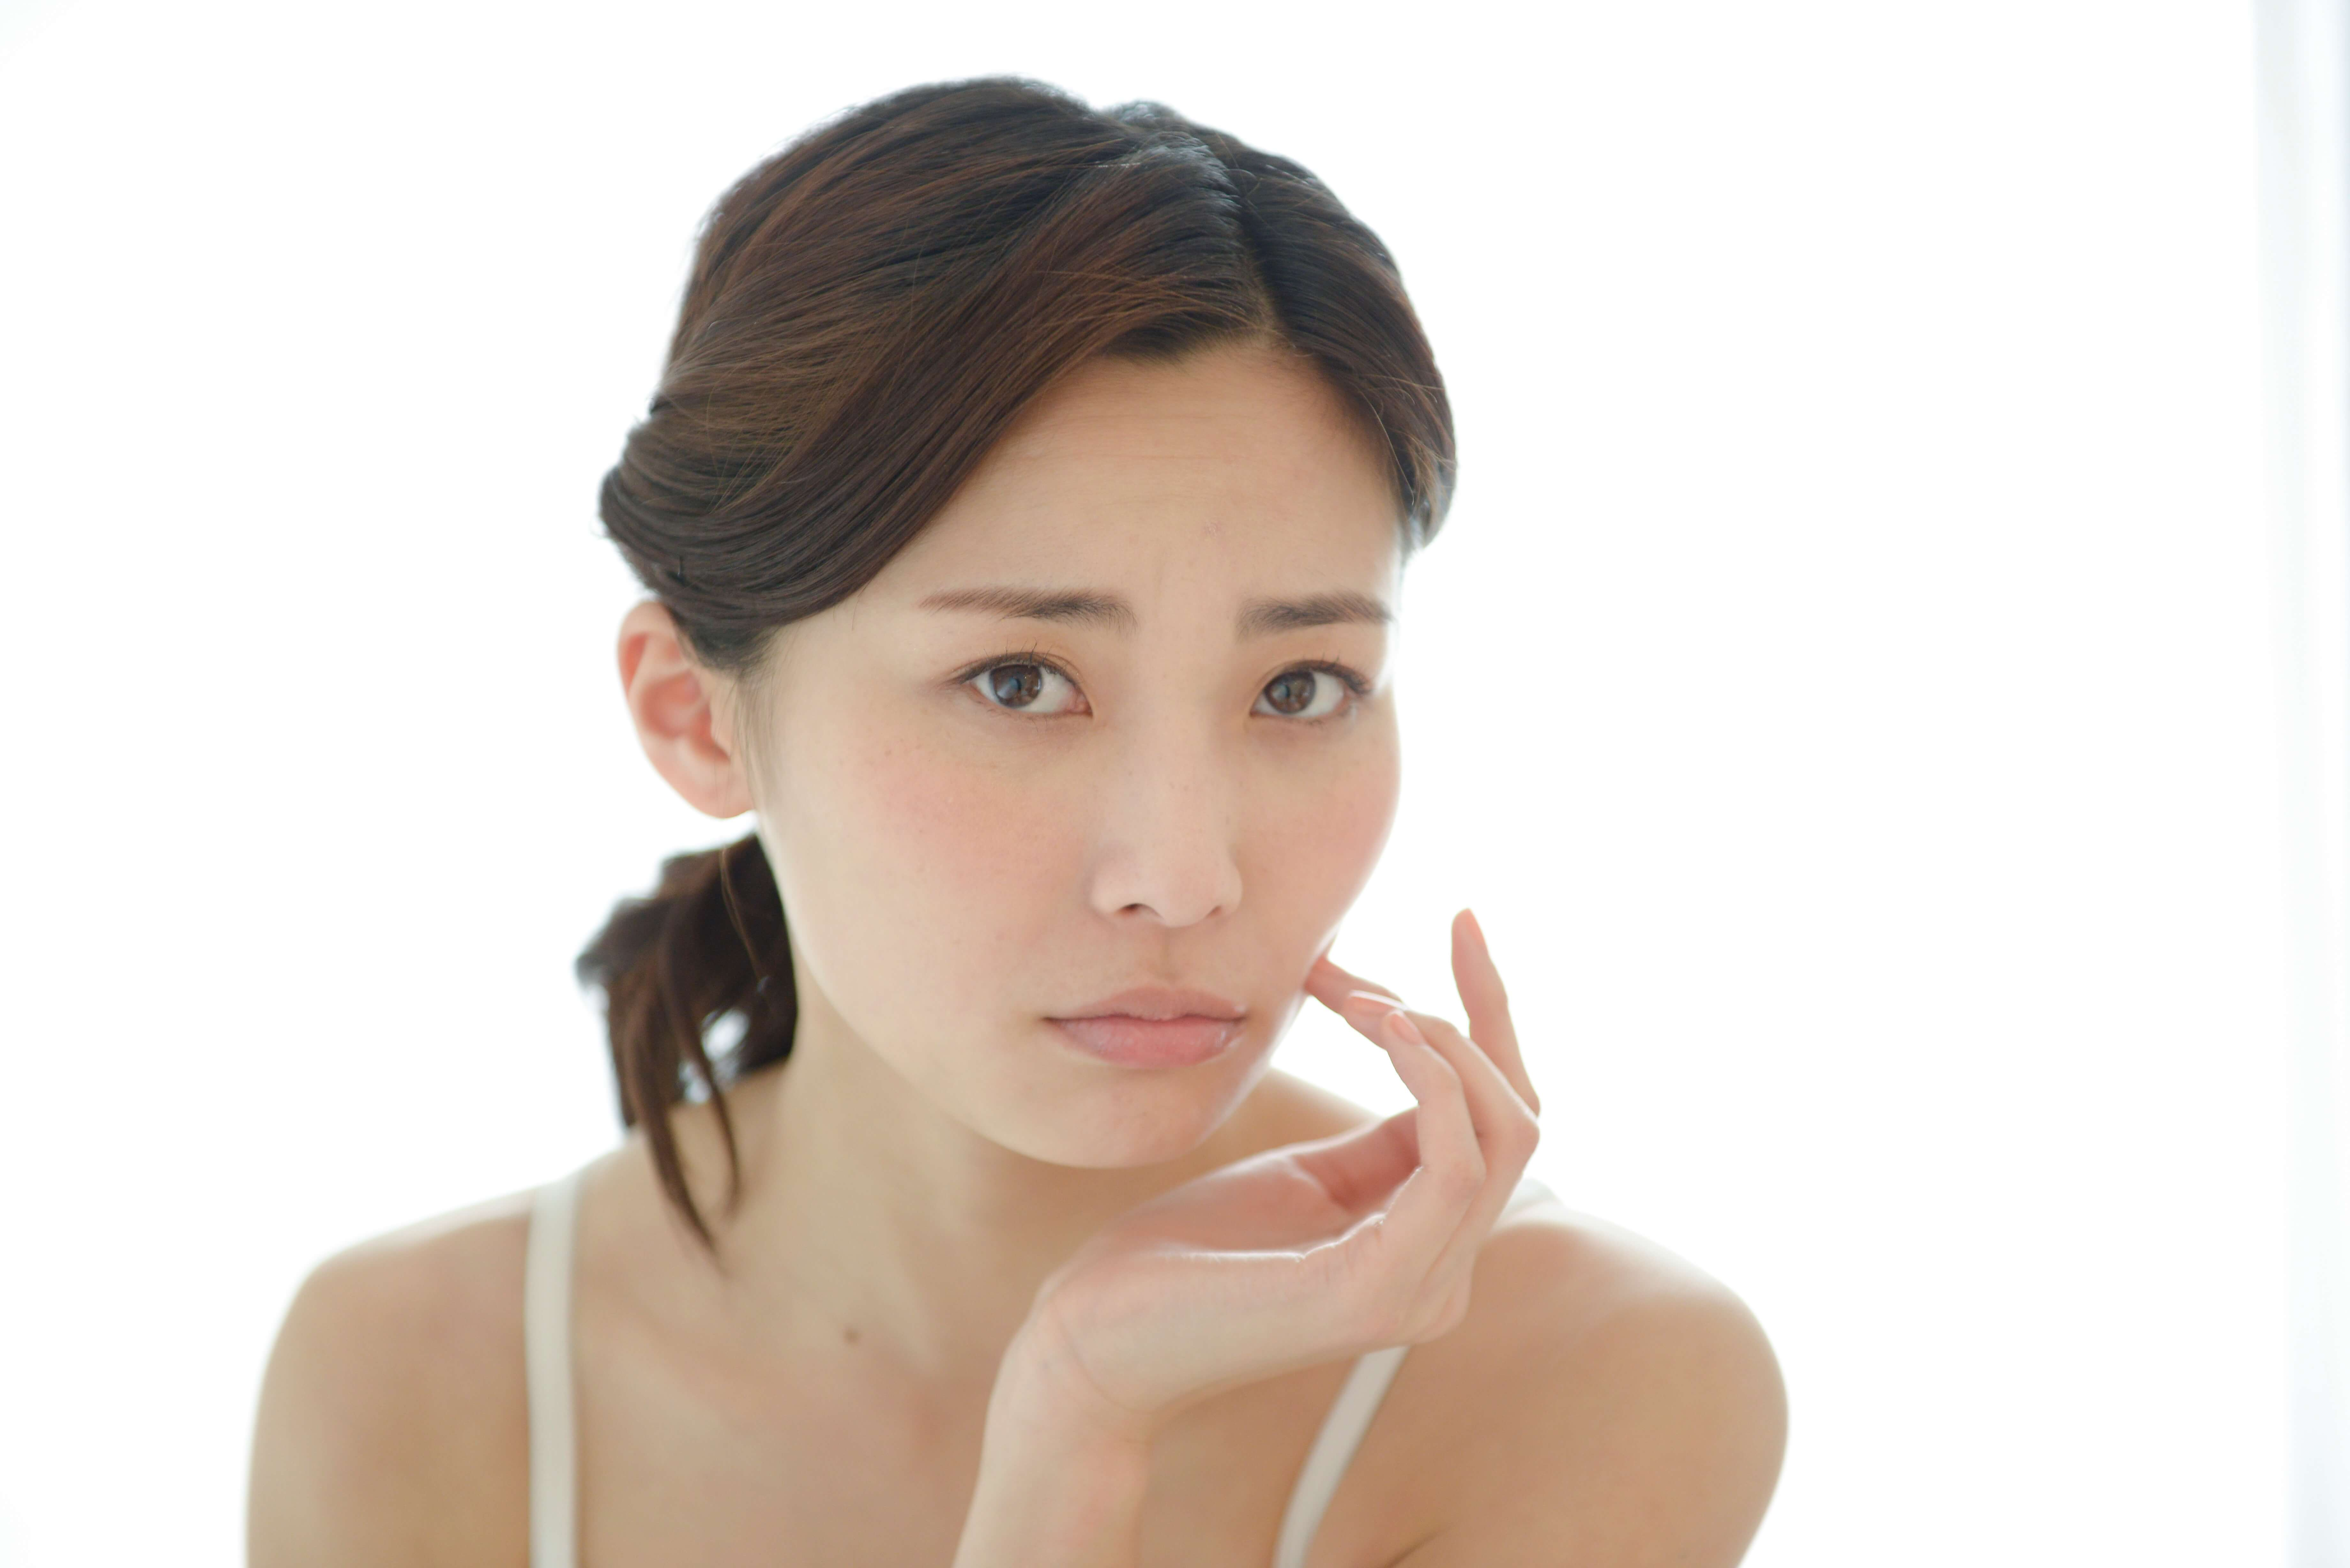 顔の悩みを抱える女性